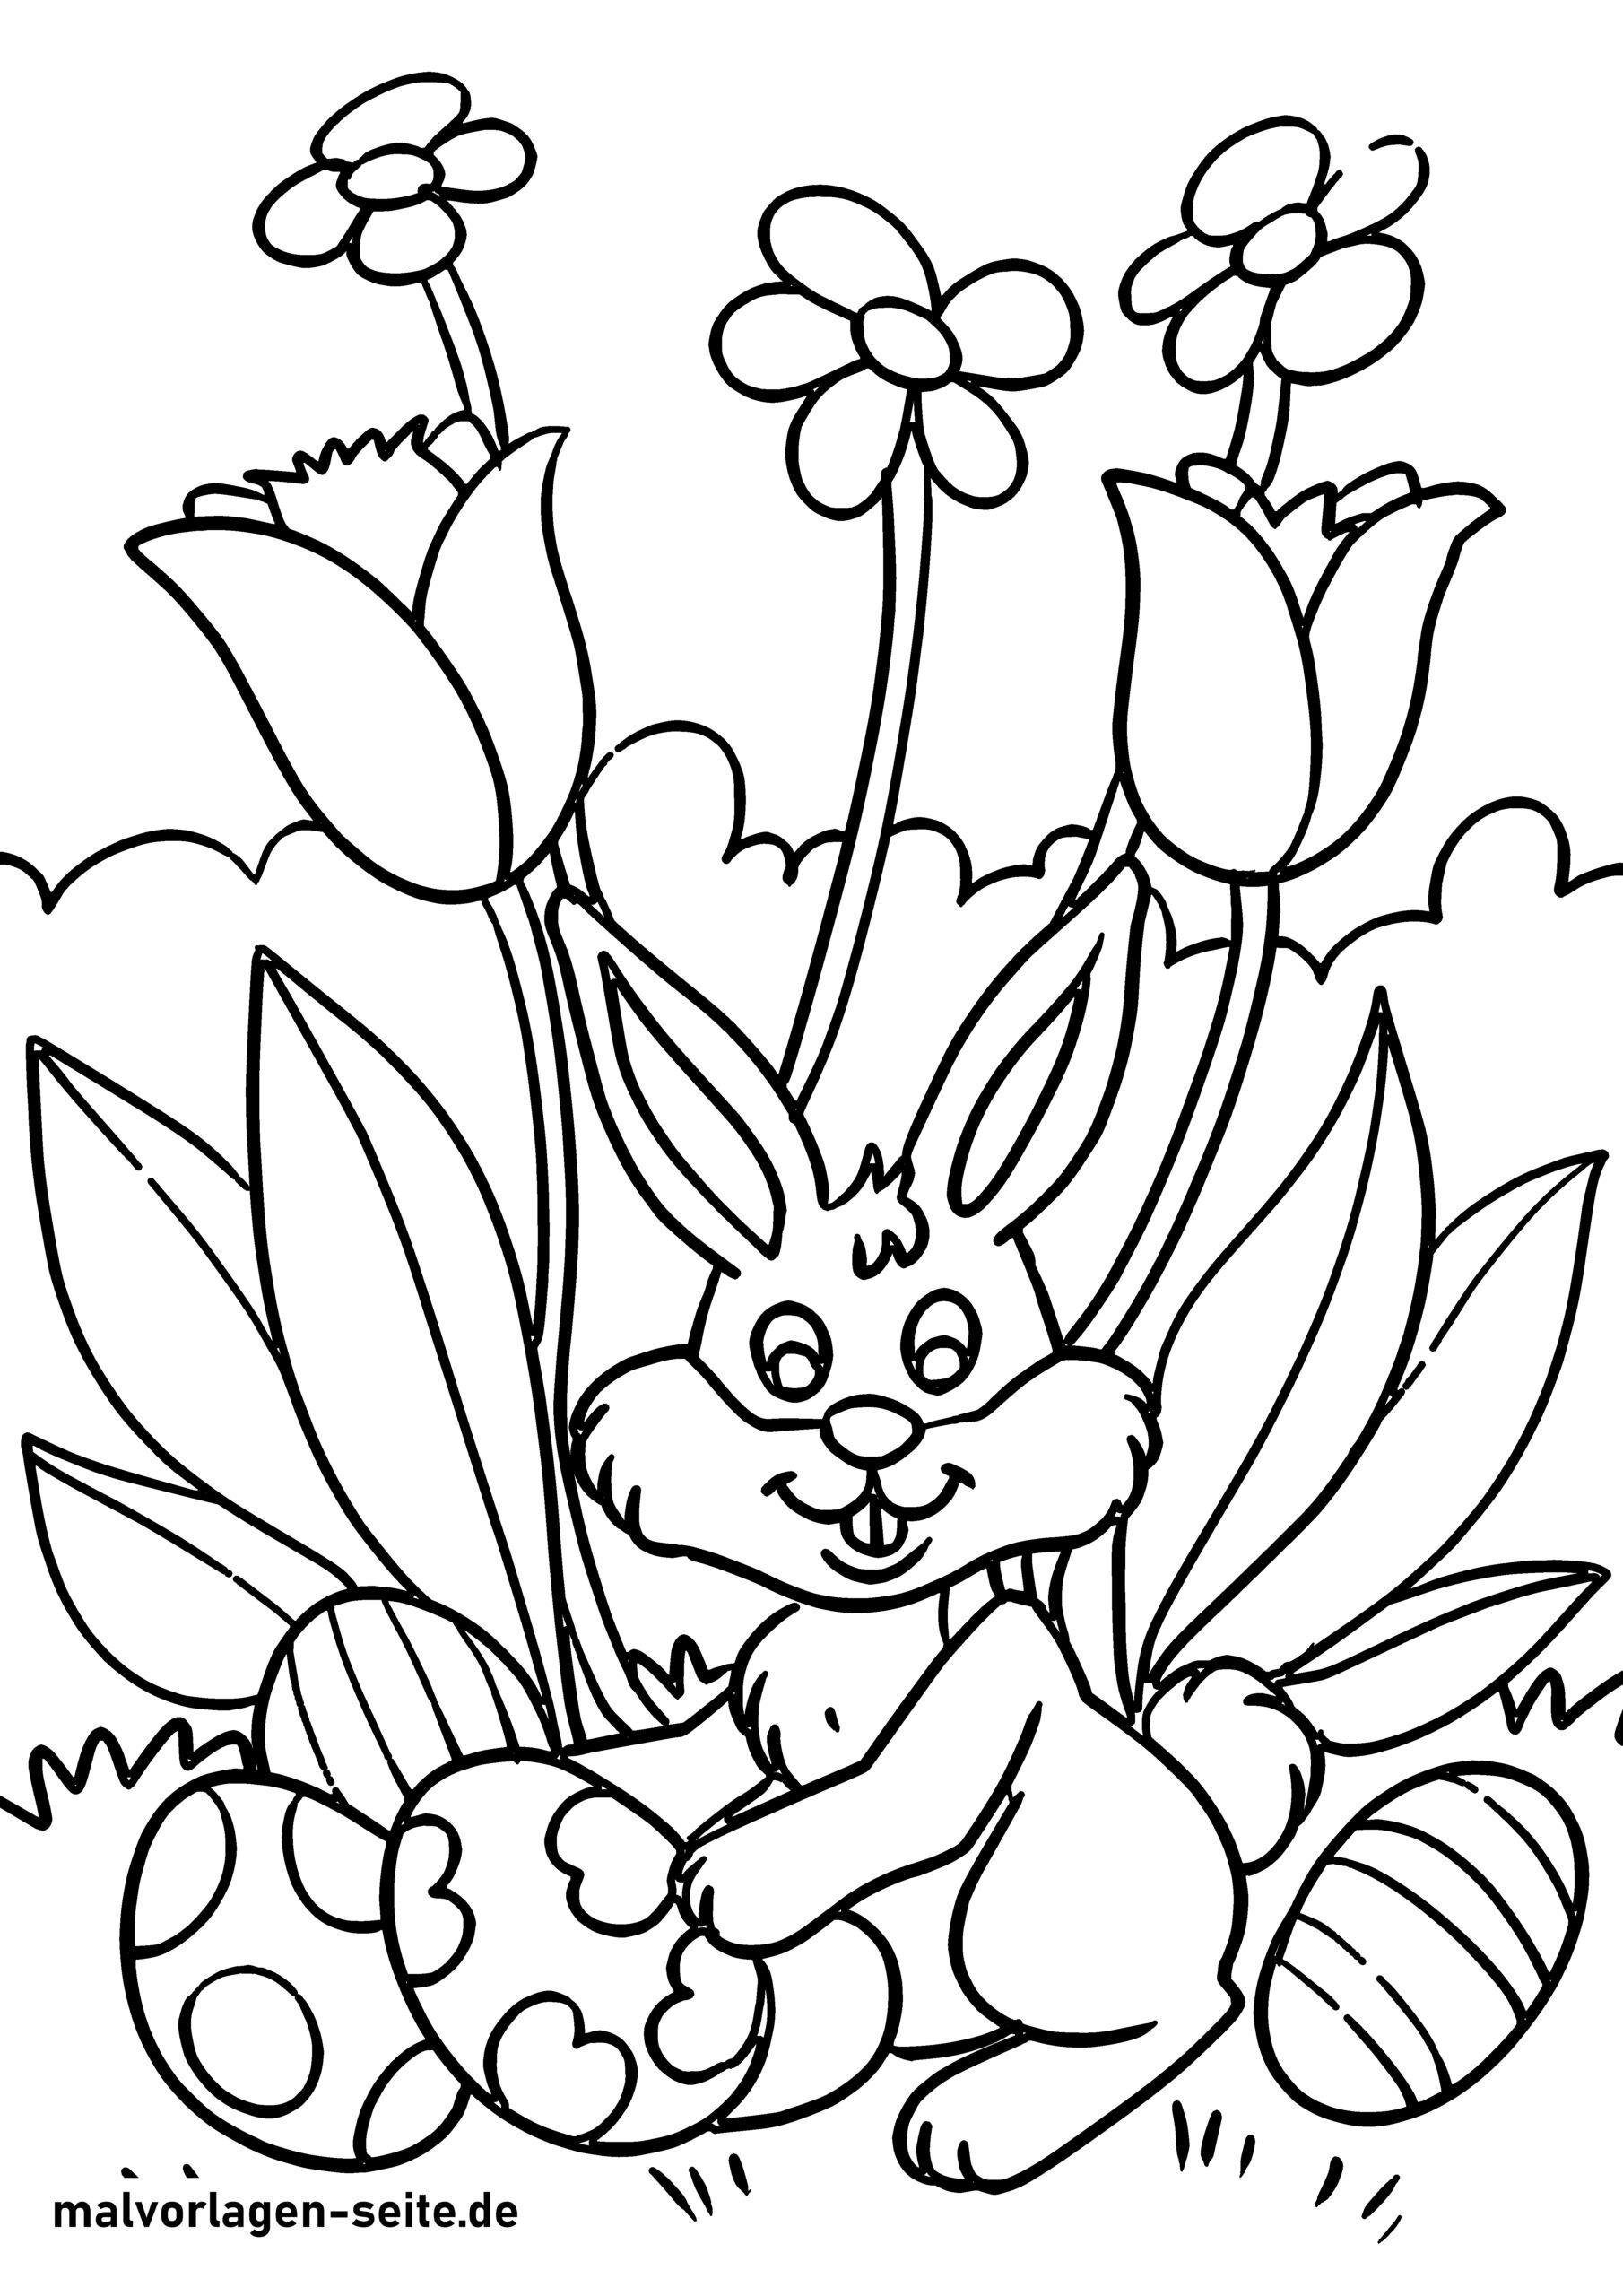 דף צביעה ארנב הפסחא